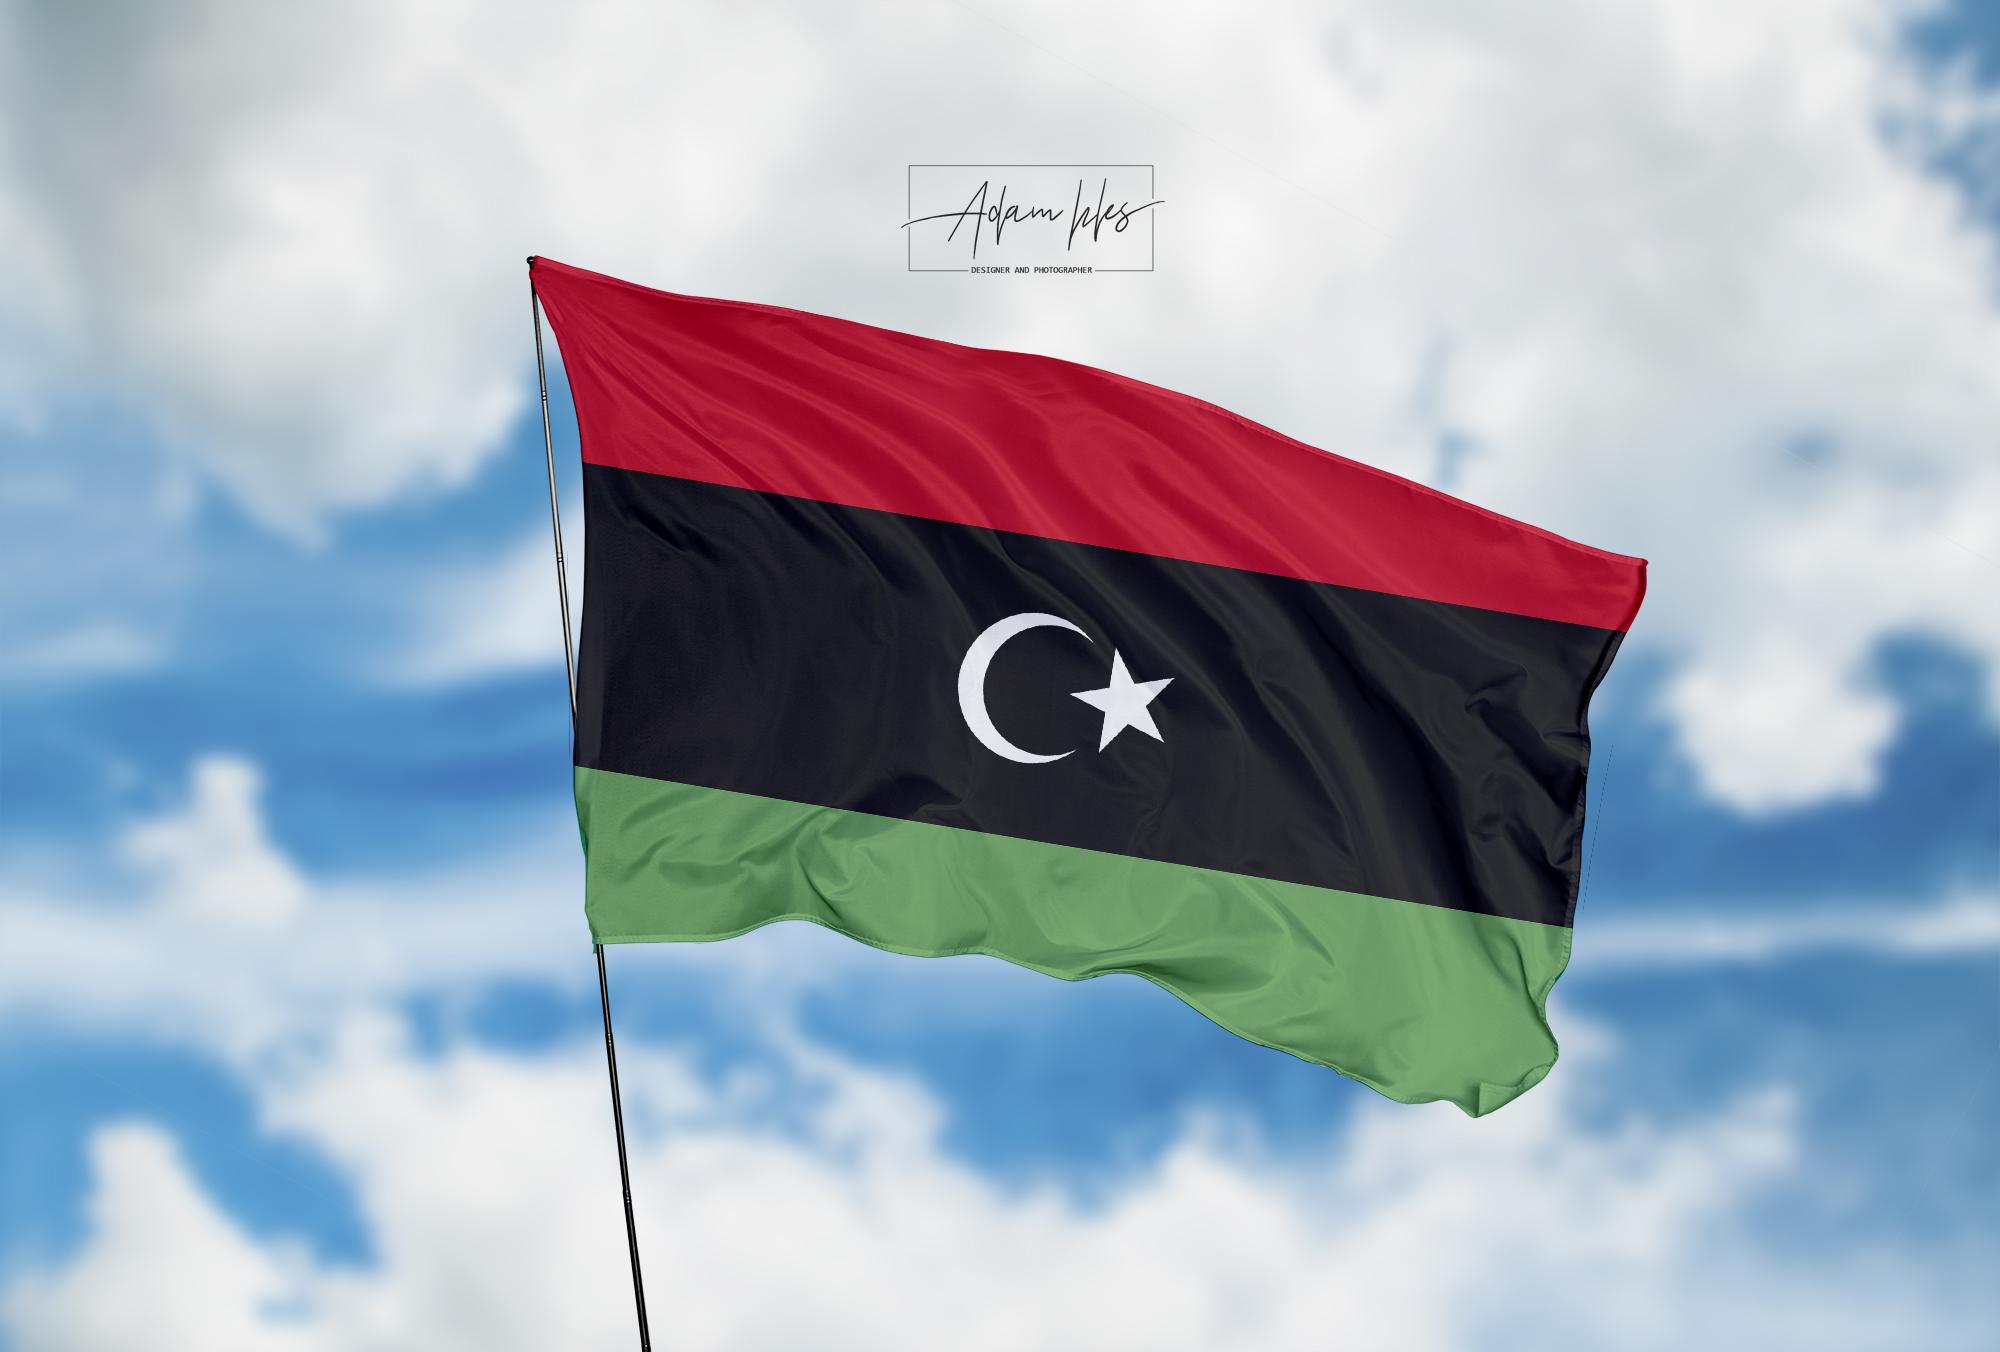 تحميل اجمل خلفية علم ليبيا يرفرف في السماء - اجمل خلفيات ليبيا الرائعة